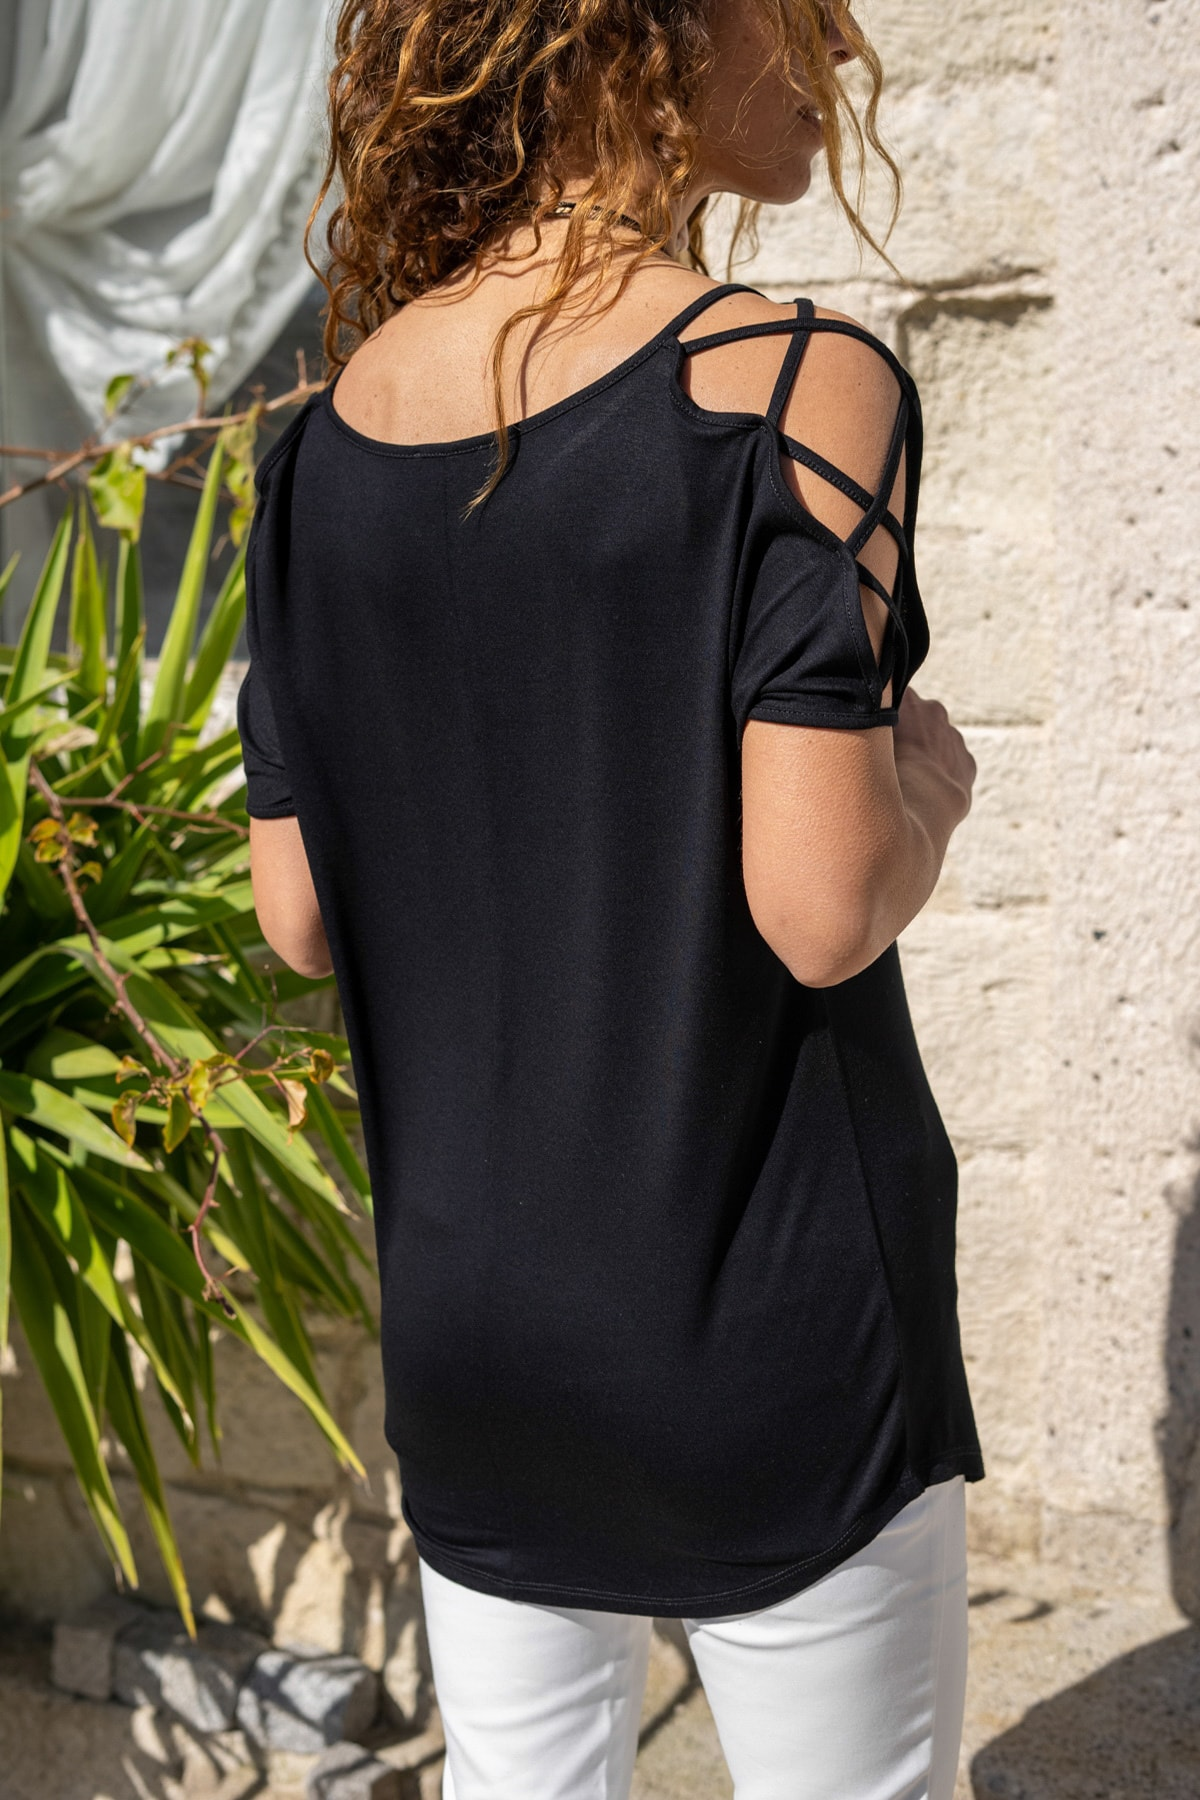 Güneşkızı Kadın Siyah Omzu Çarpraz Bantlı Salaş T-Shirt GK-JR400 1